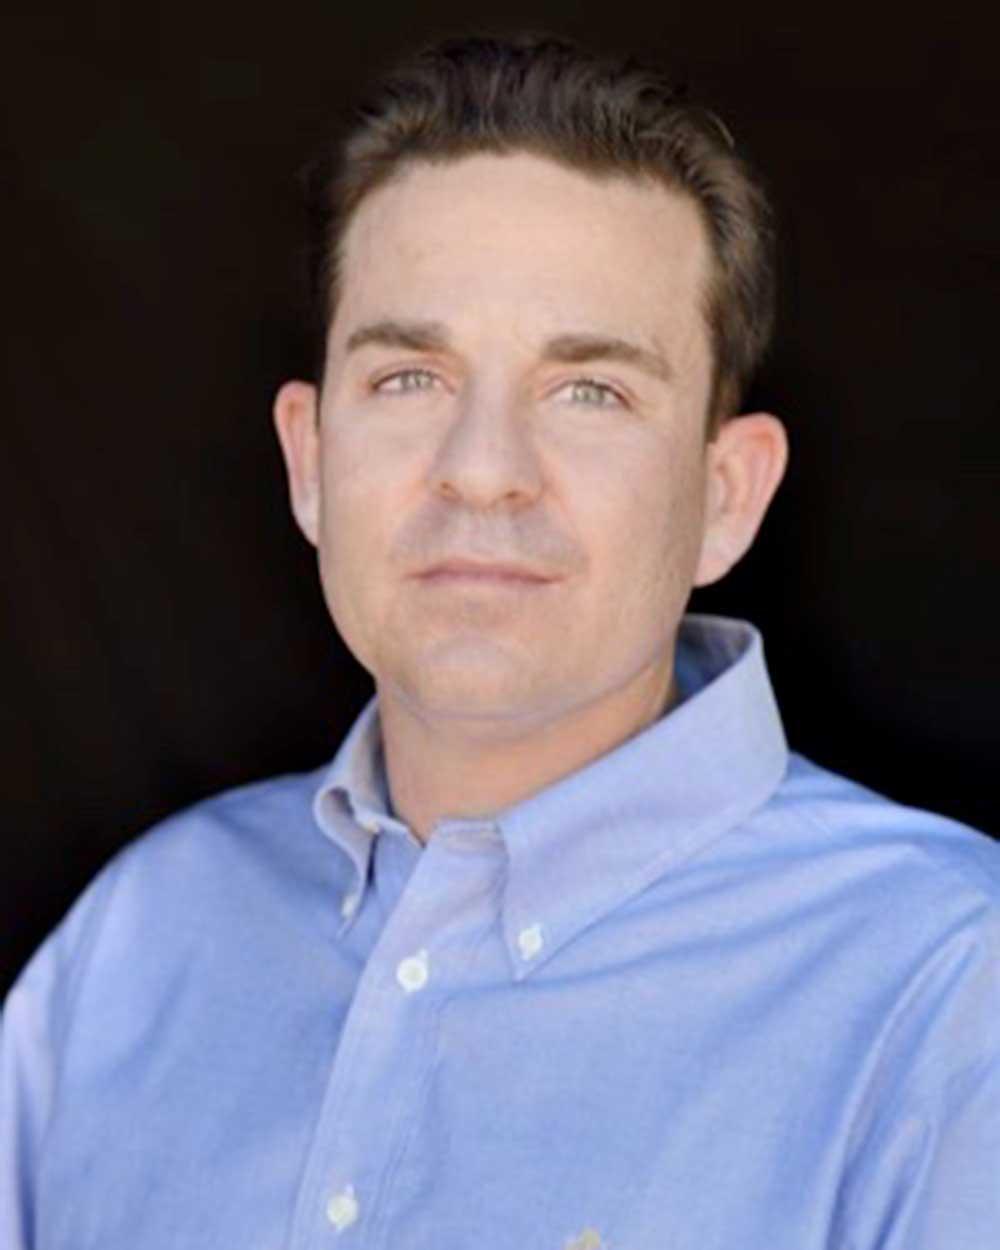 Matt Rieland